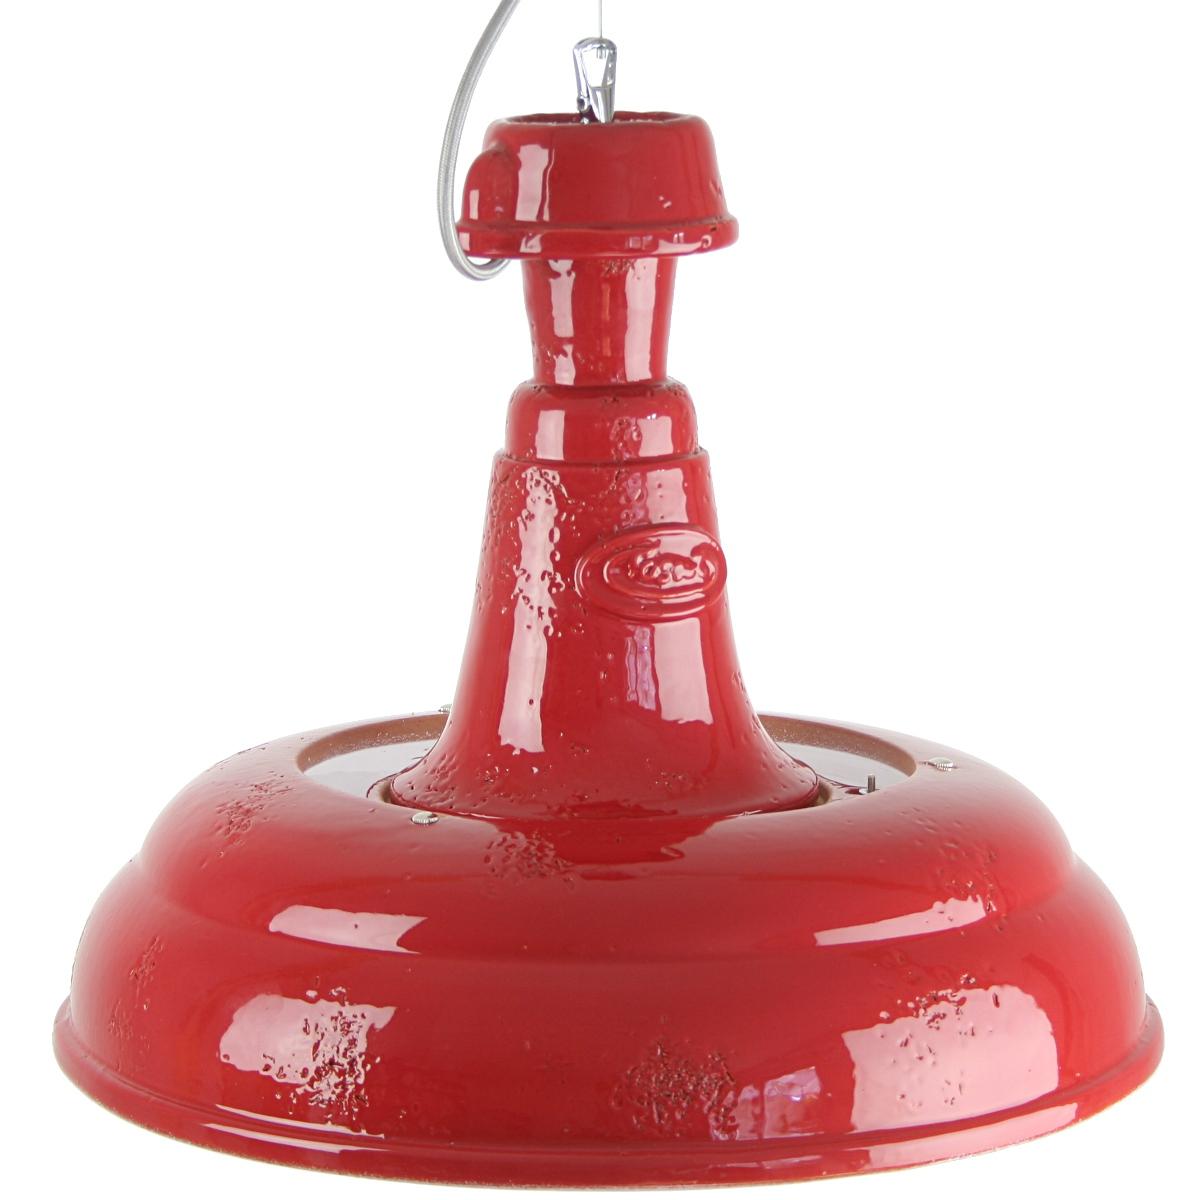 Moderne fabriklampe im klassischen industriestil for Pendelleuchte industriedesign